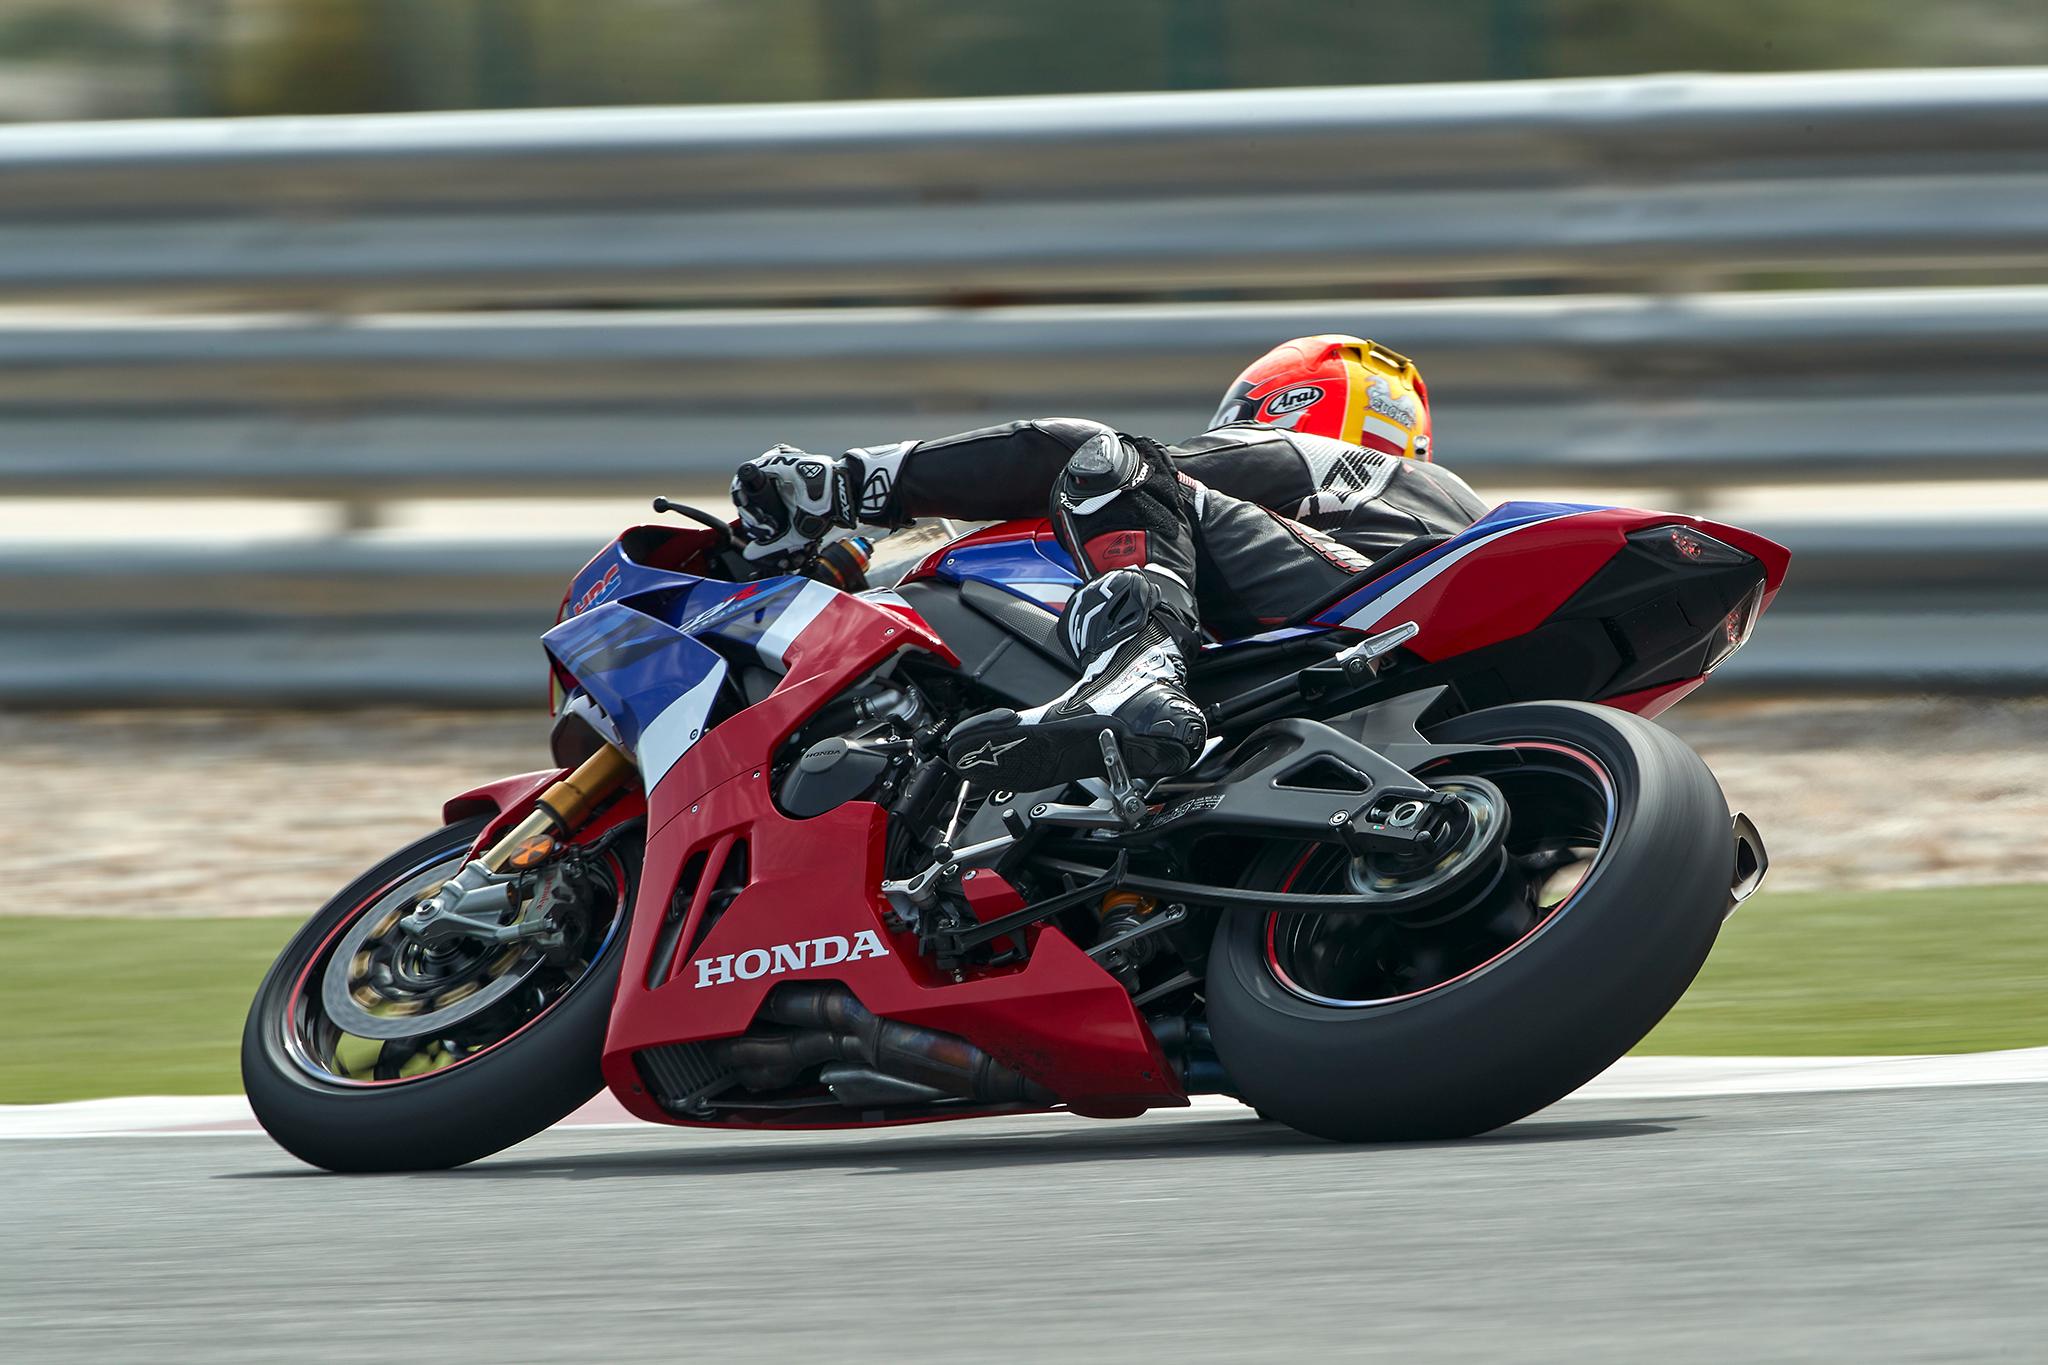 Honda_CBR_1000_RR-R_Firebladesmall_4153